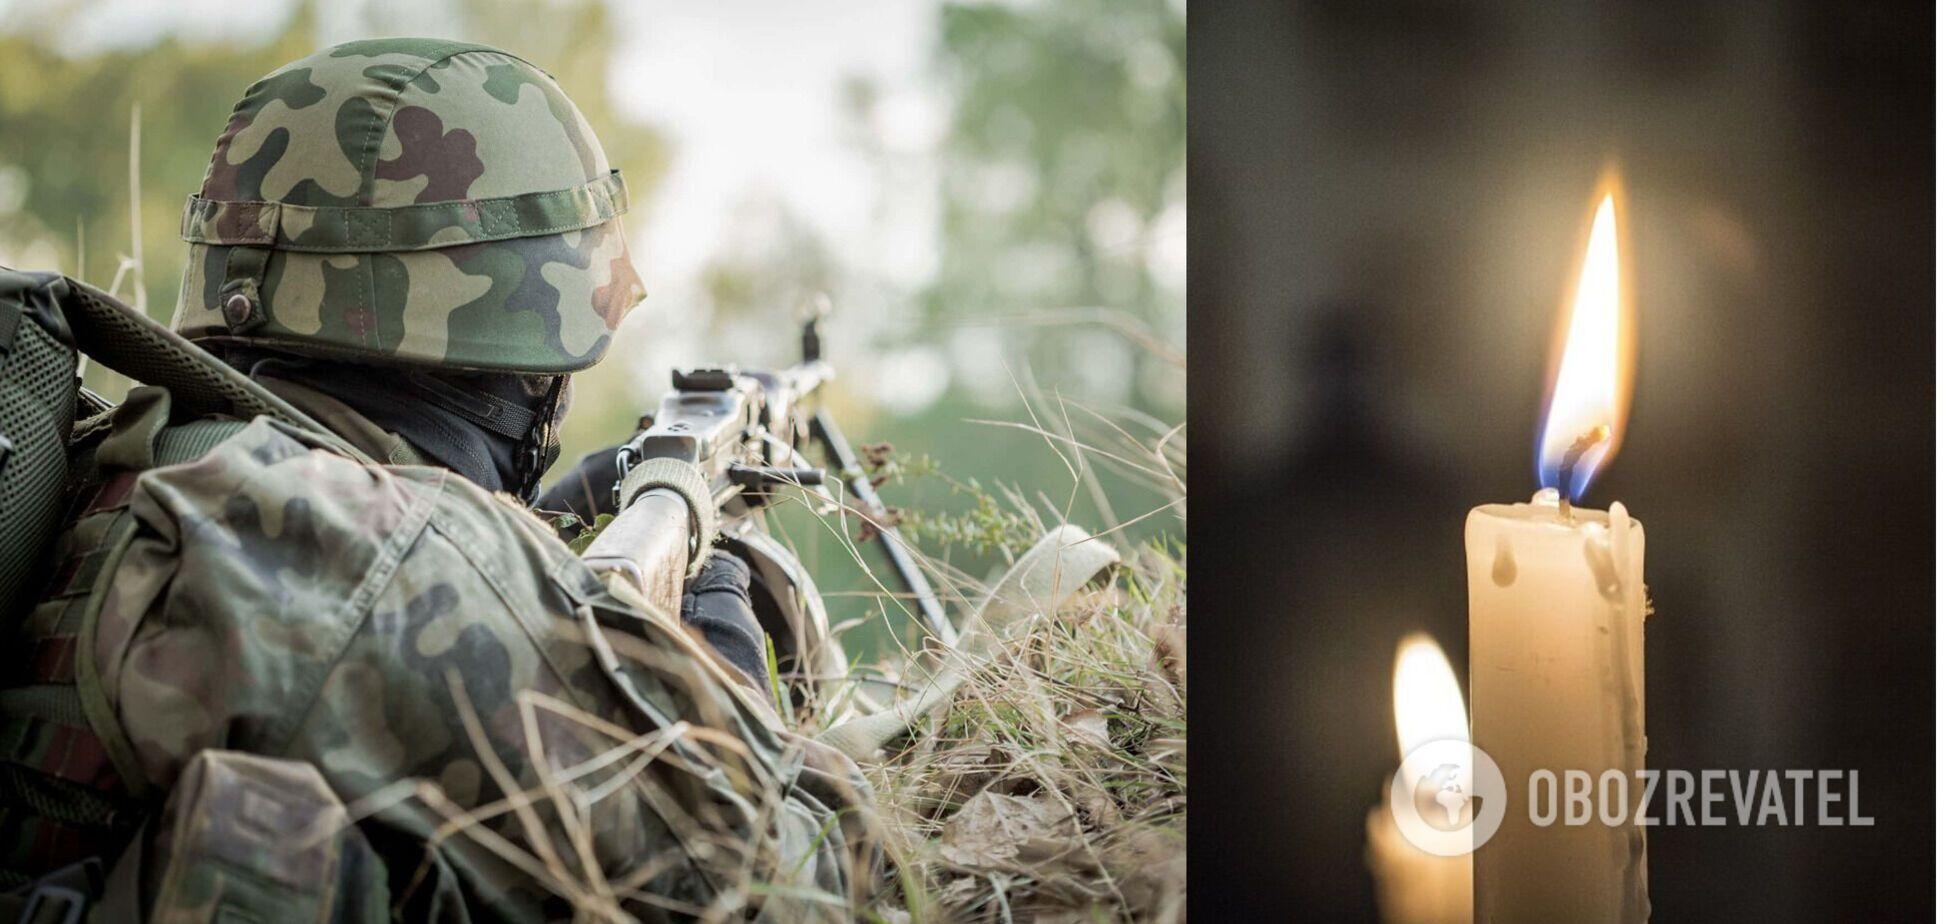 Названо ім'я загиблого на Донбасі воїна ЗСУ